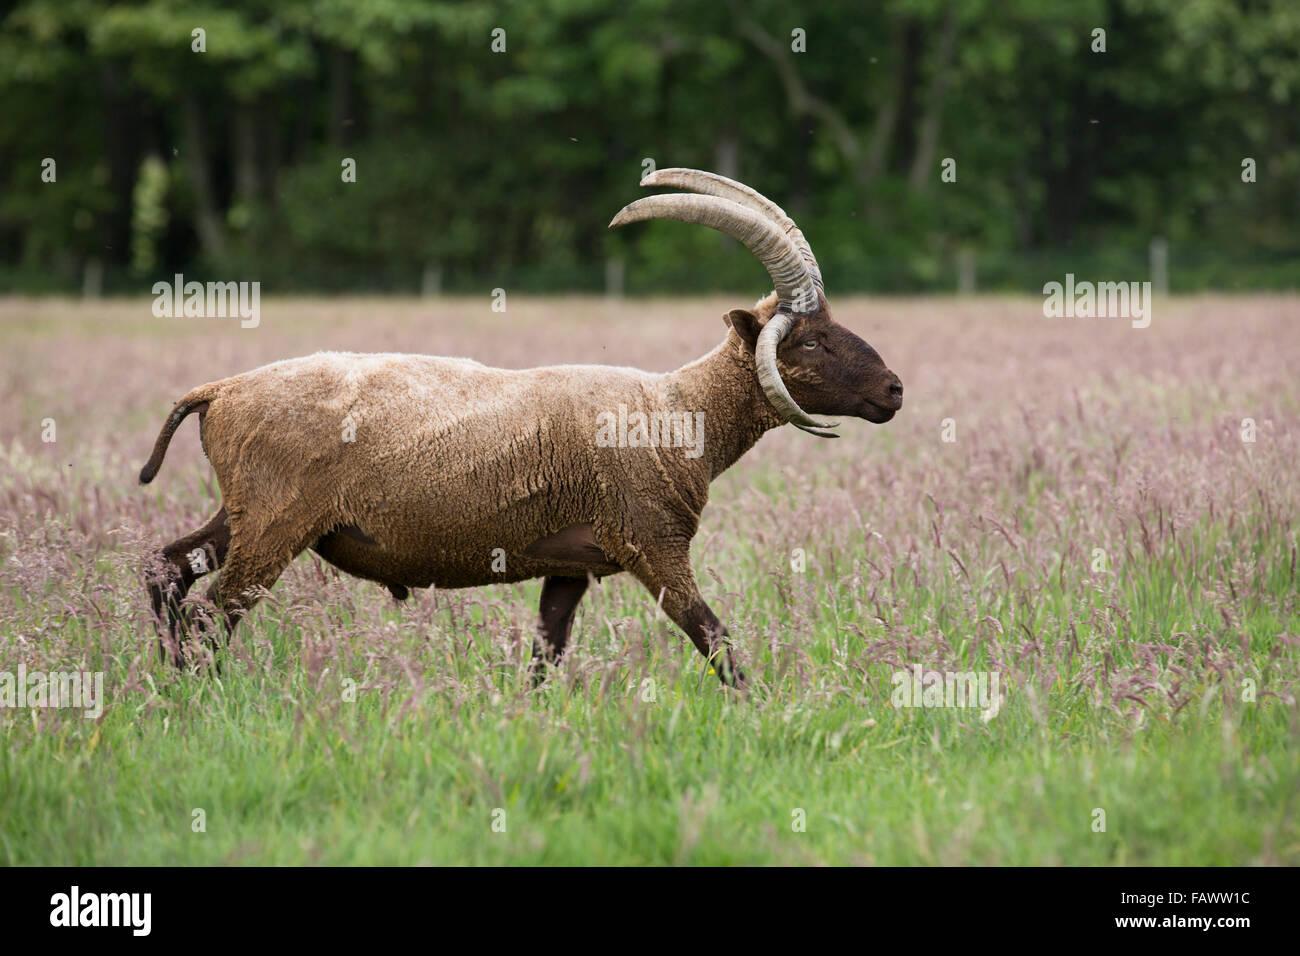 Manx Loaghtan Ram; Single Walking in Field Isle of Man; UK - Stock Image